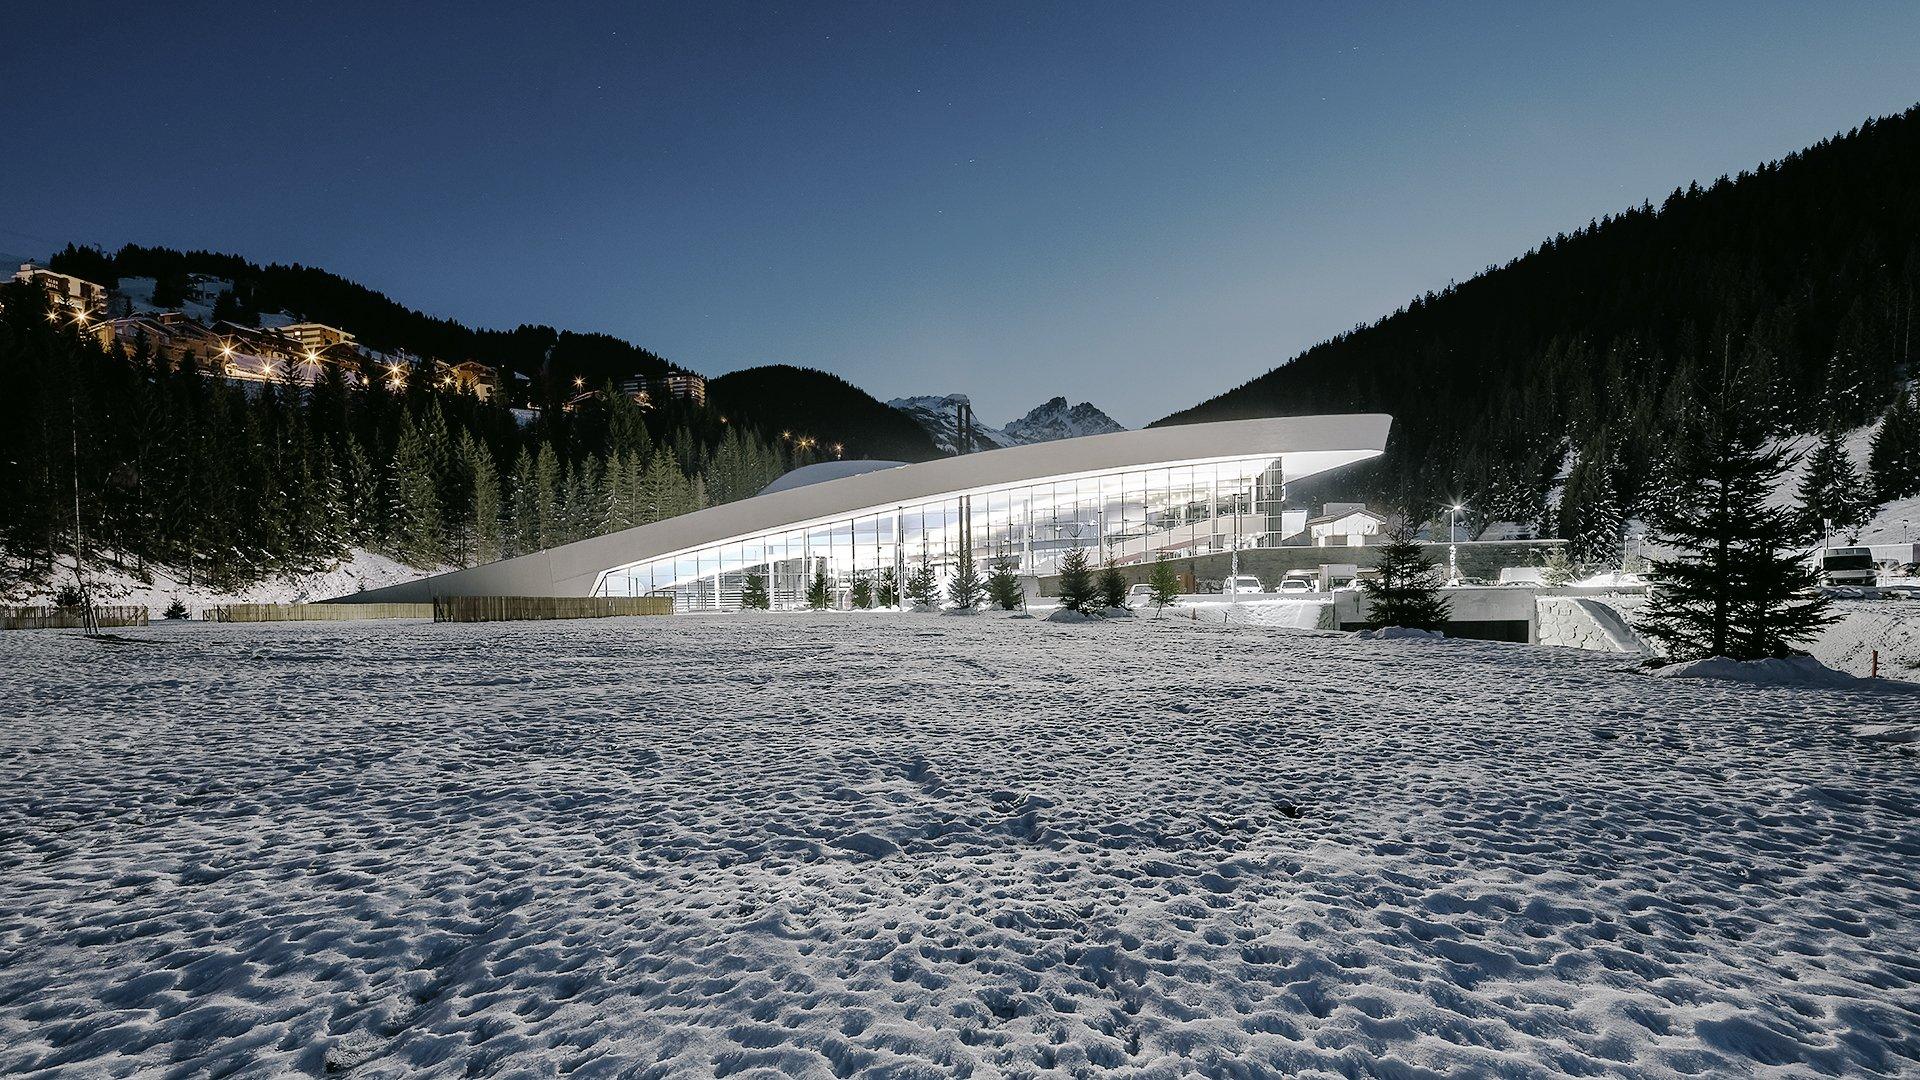 loisirs-aquatiques-en-plein-coeur-de-tours-bassin-exterieur-50-m-bassins-ludiques-sauna-hammam-caldarium